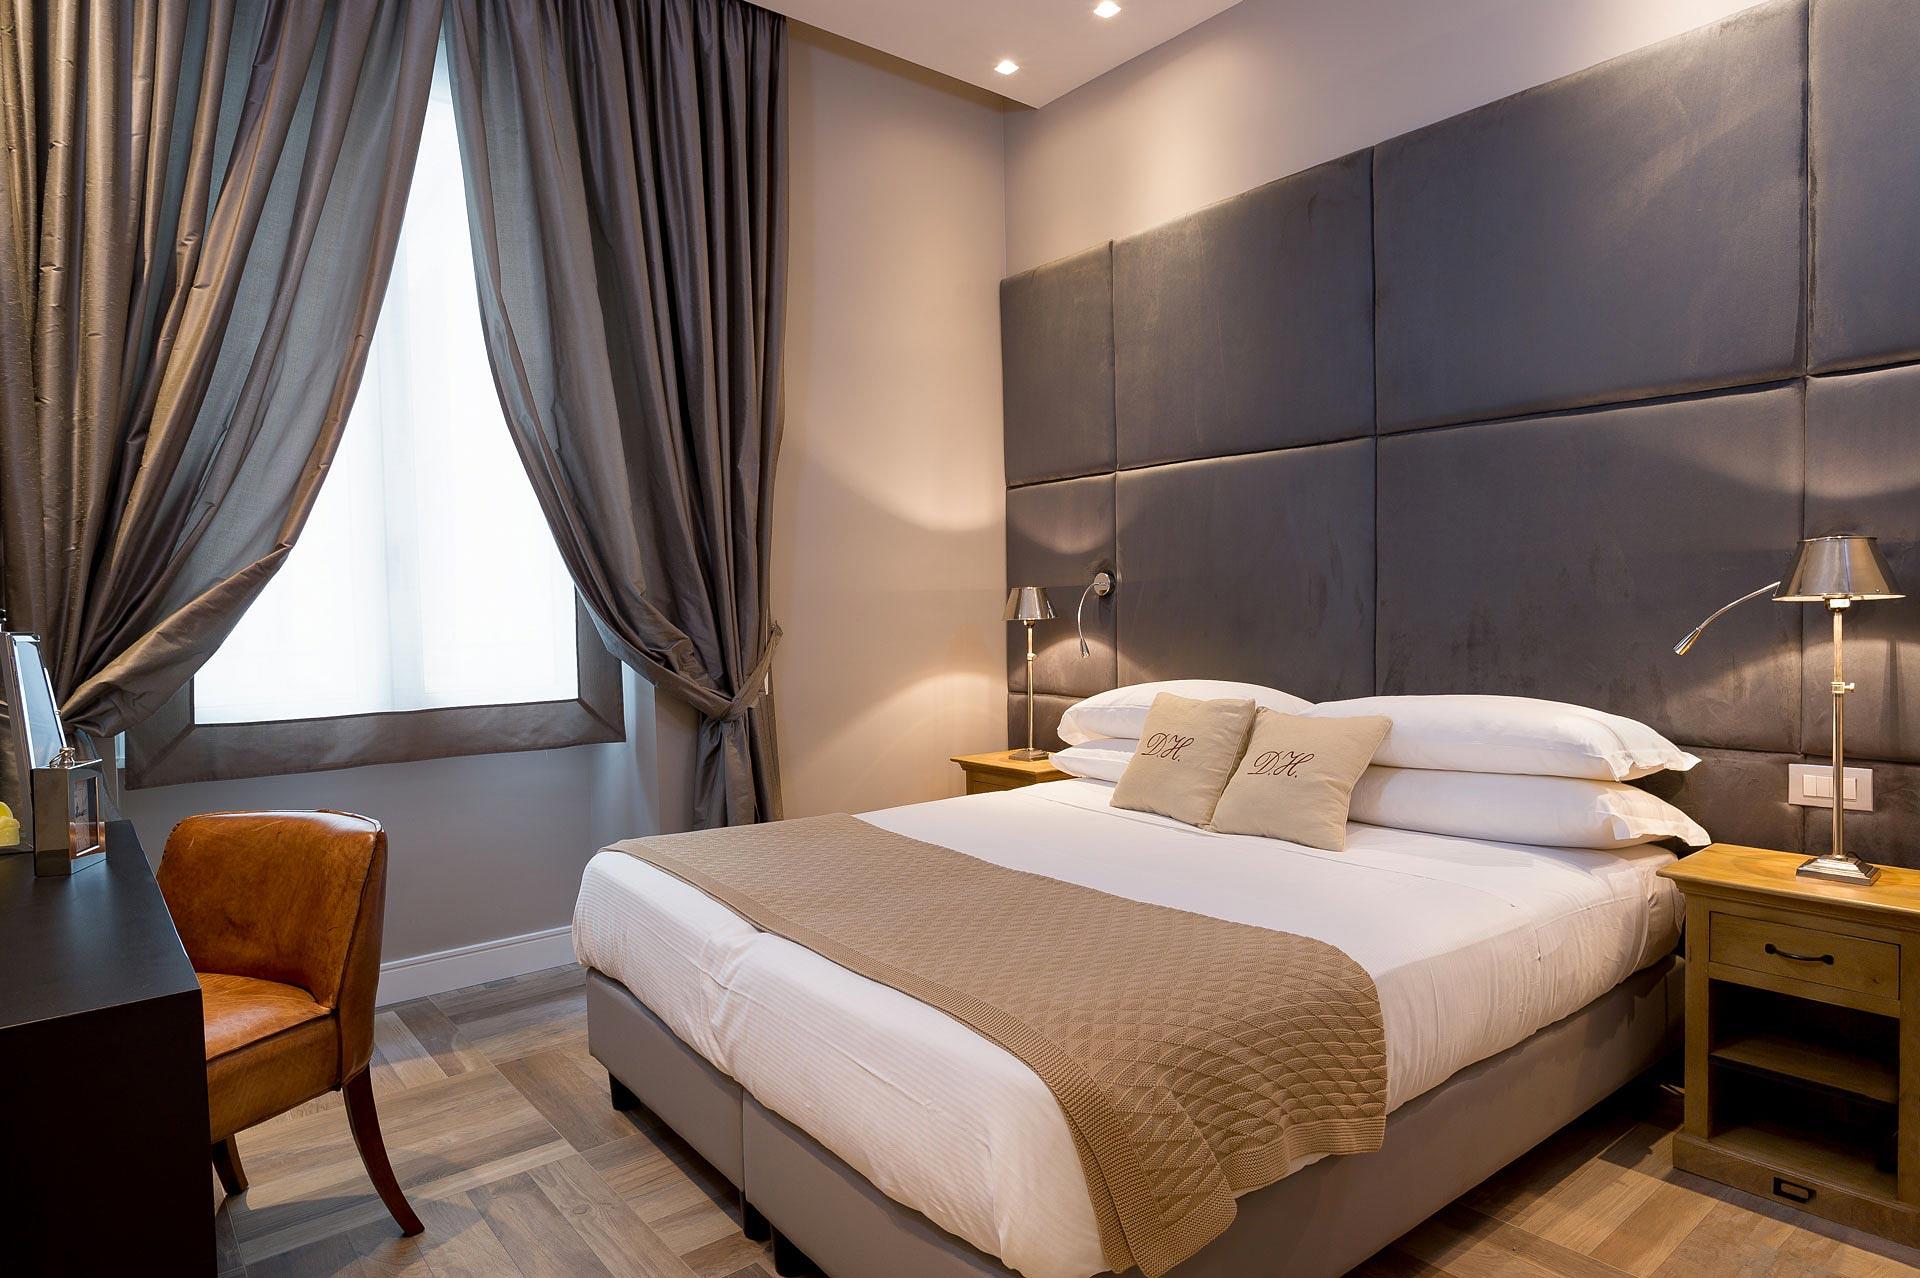 foto-albergo-roma-fotografo-architettura-interni-1